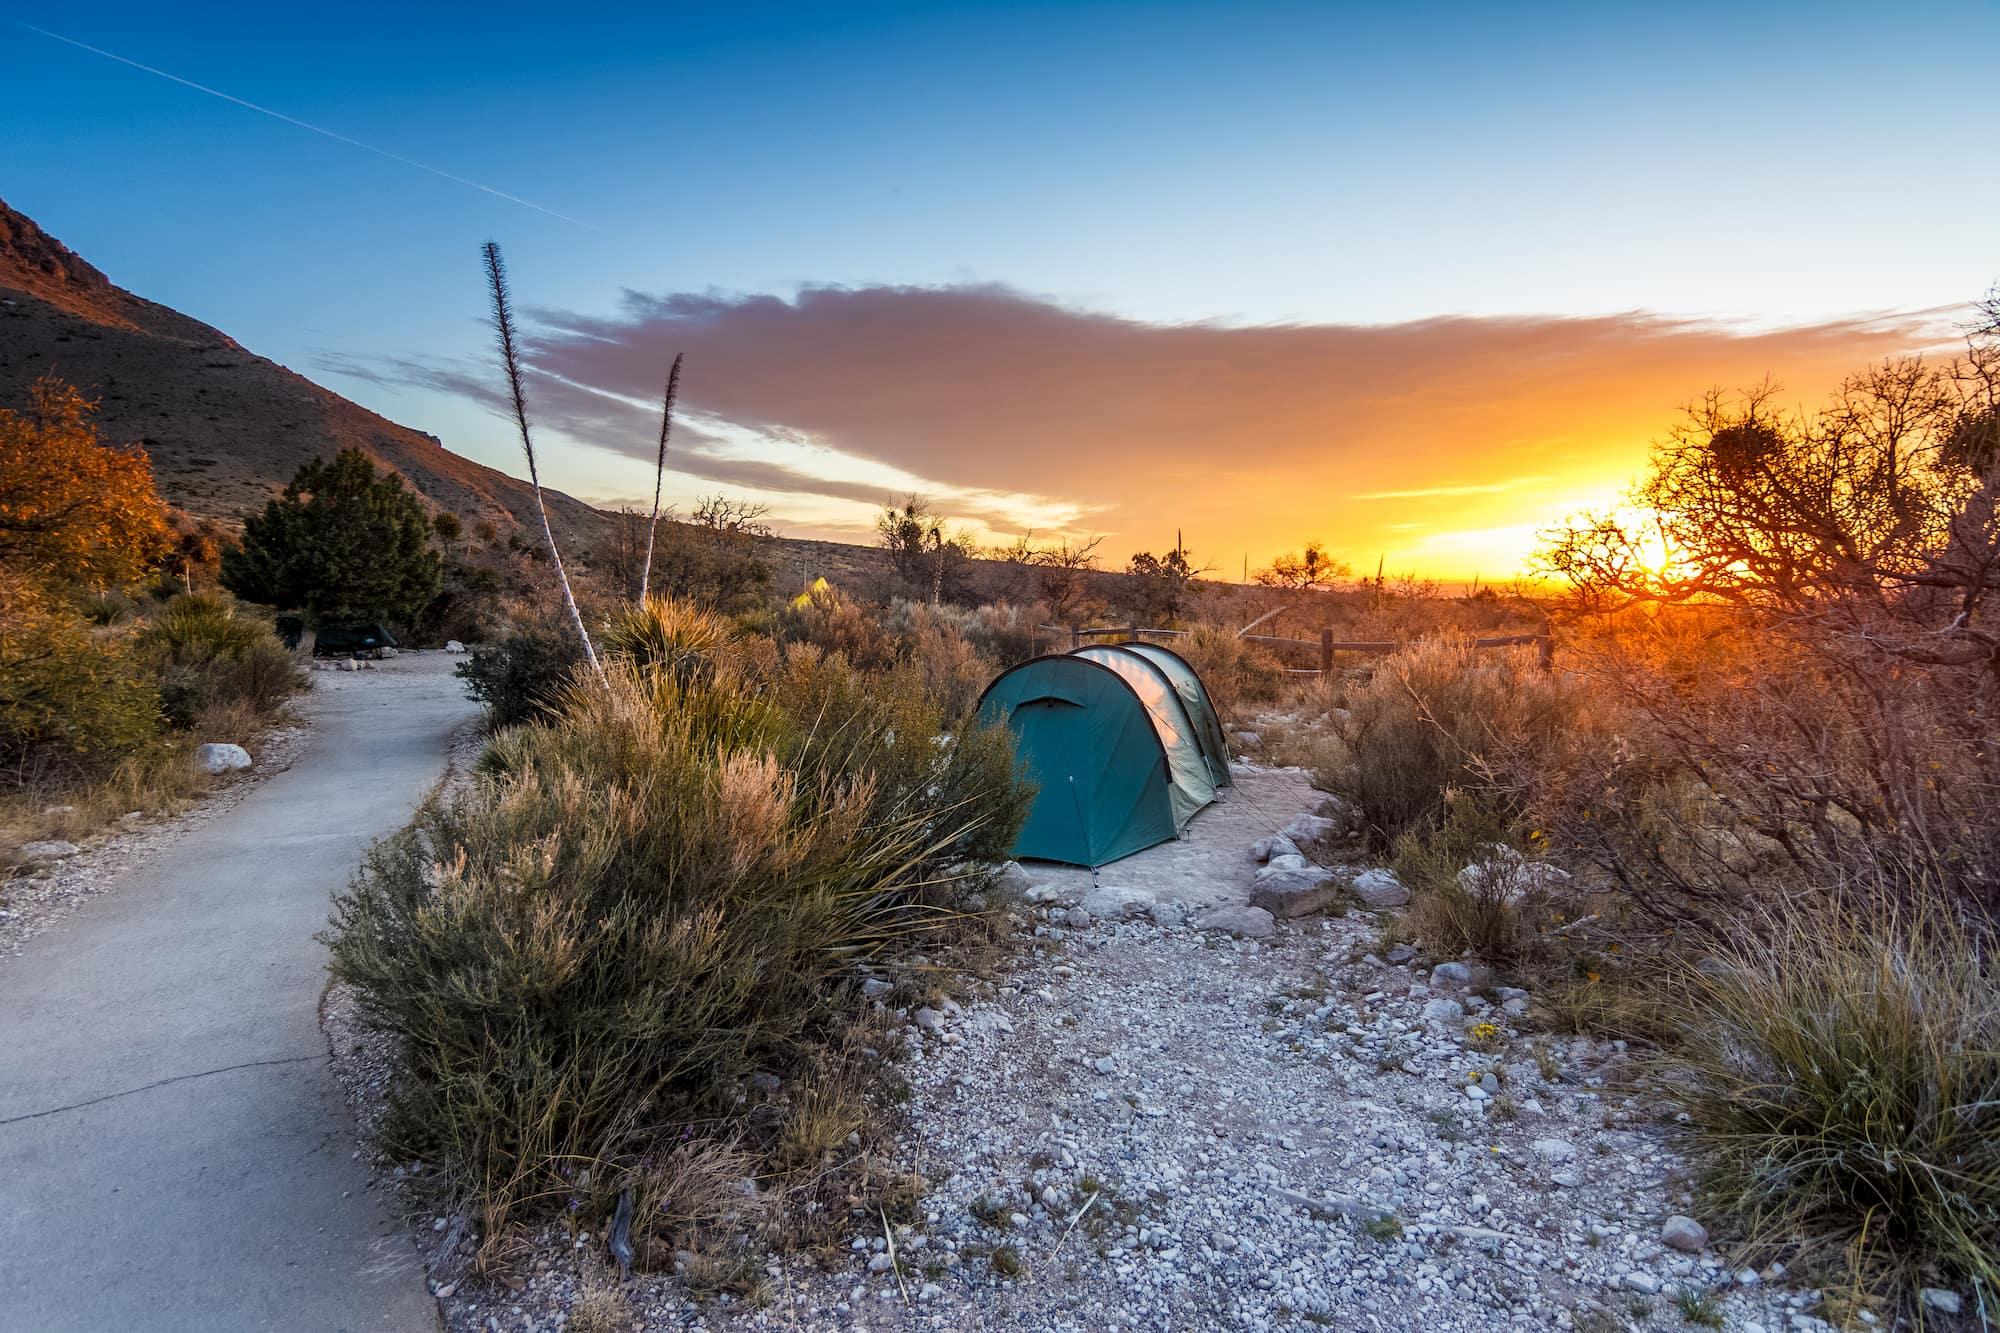 Tent in the Texas desert during sunrise,